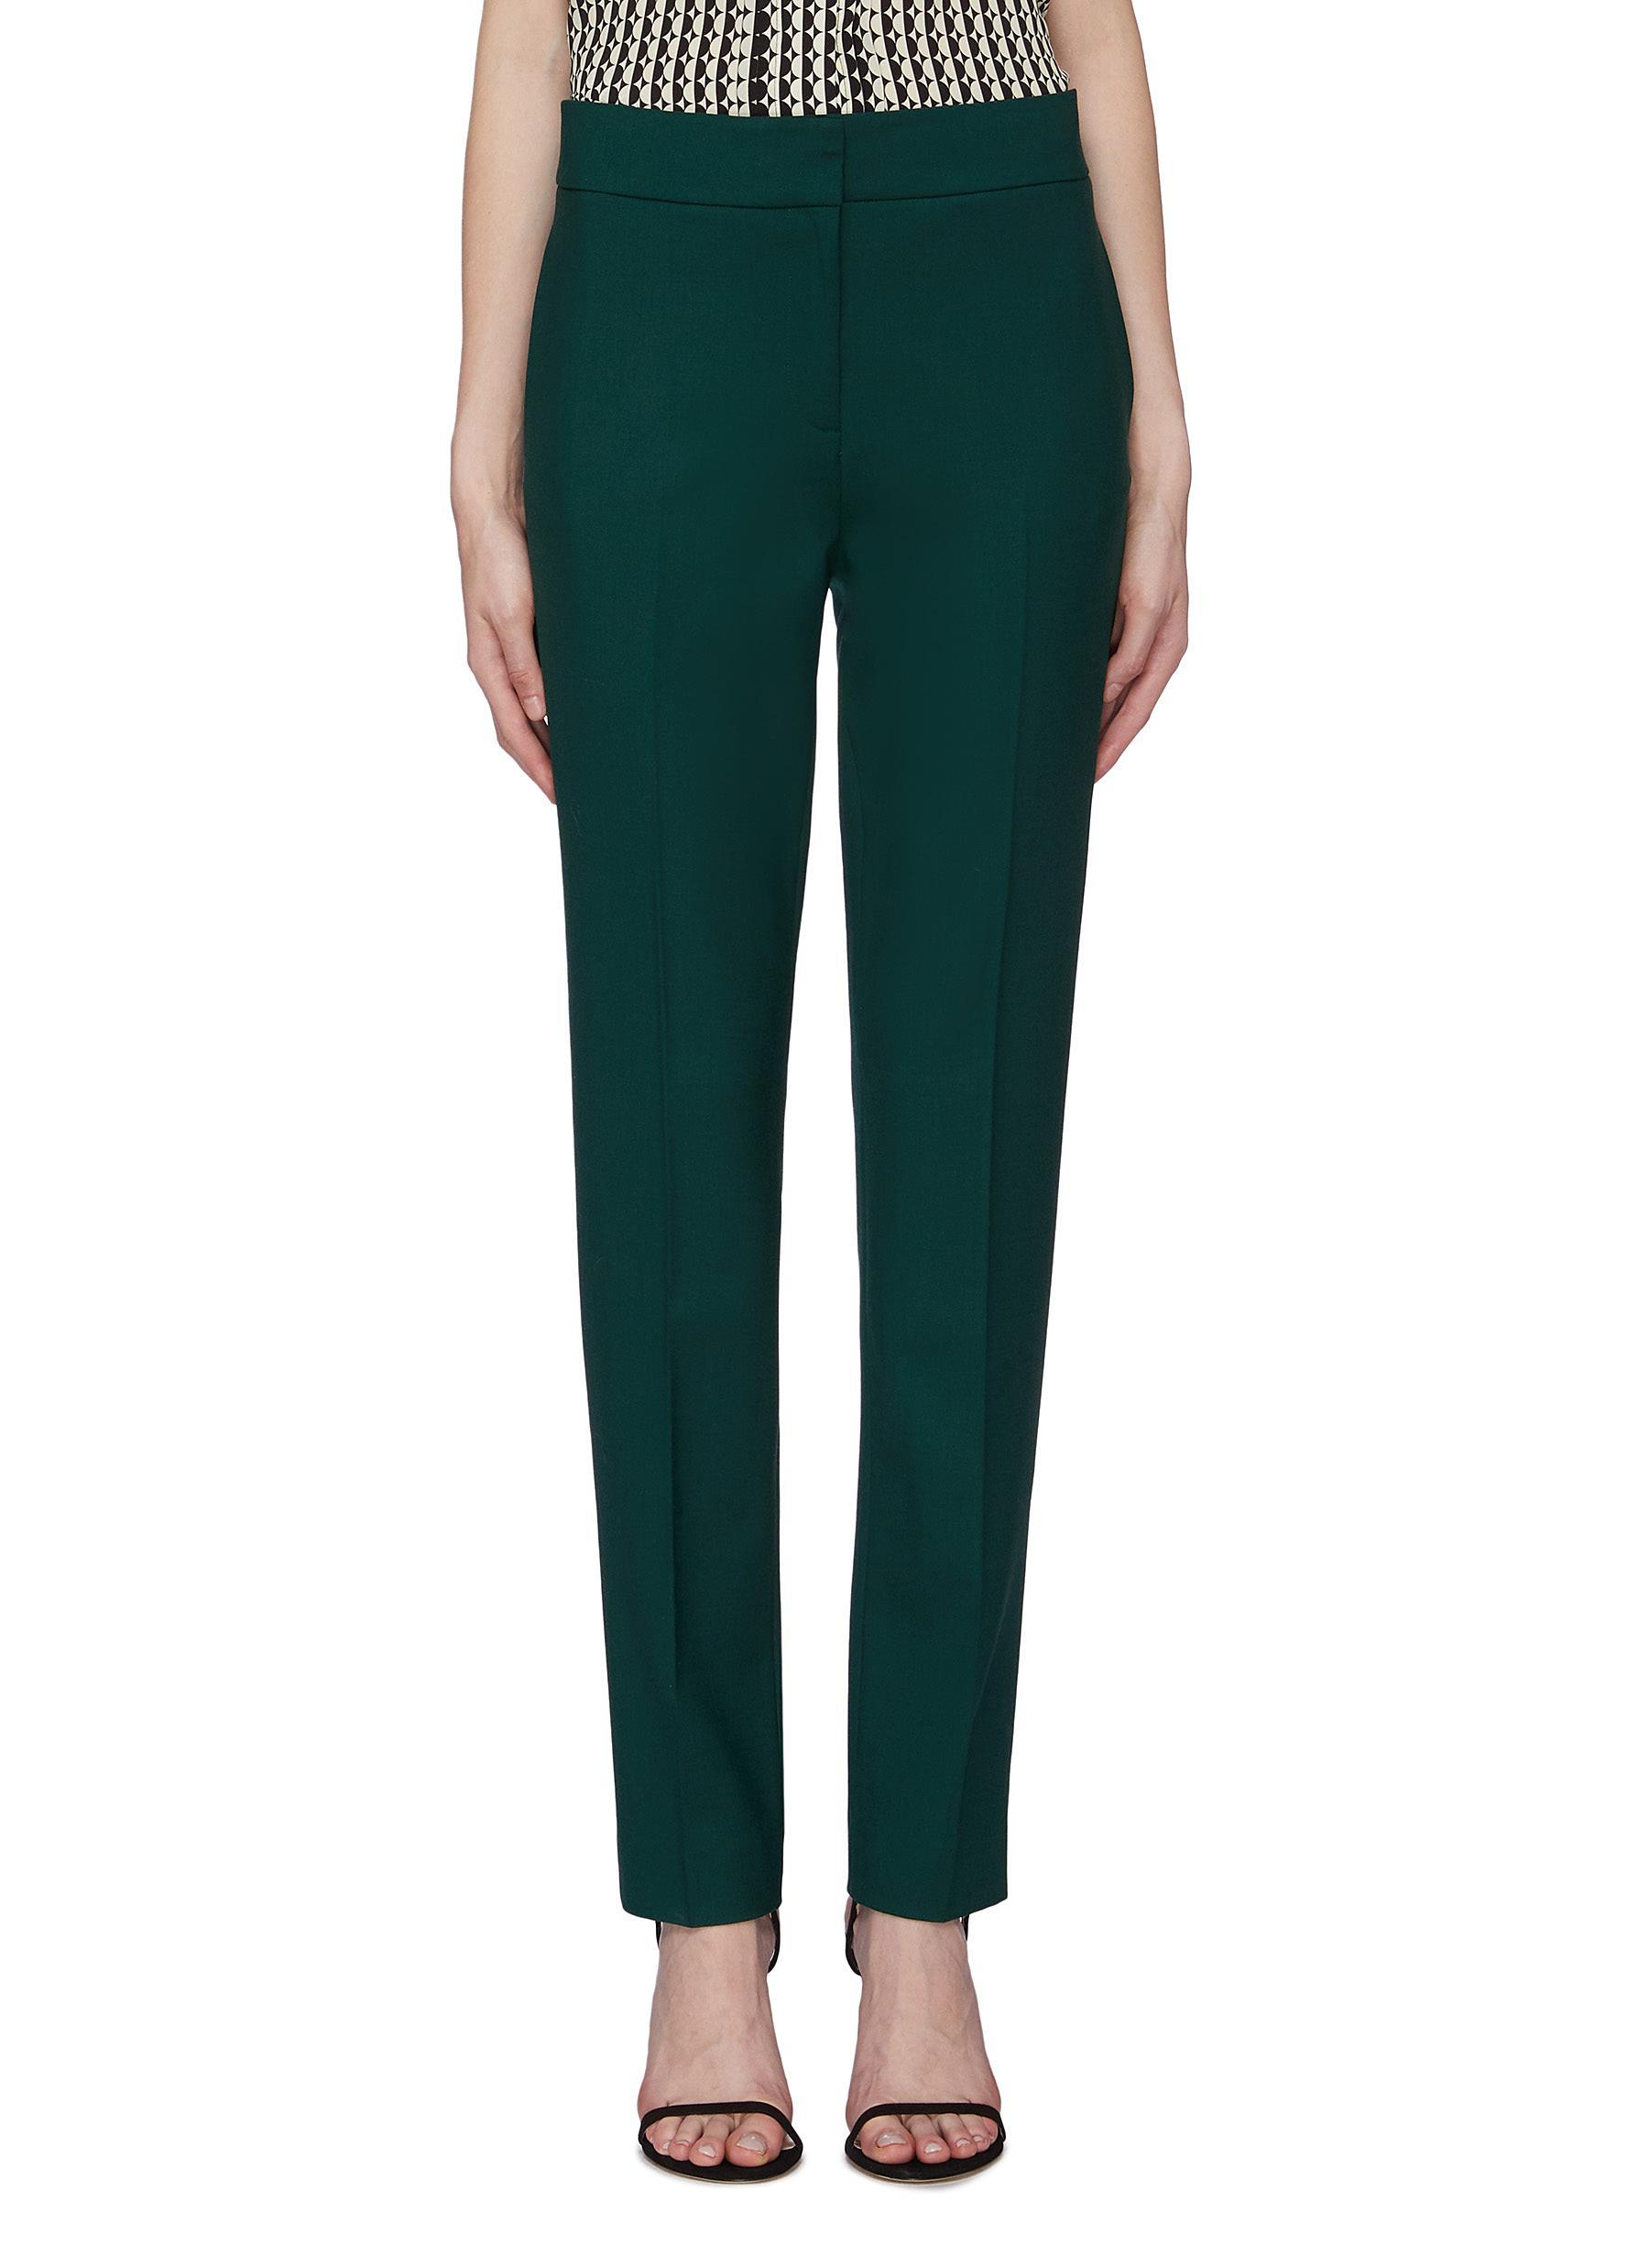 Wool gabardine skinny suiting pants by Oscar De La Renta